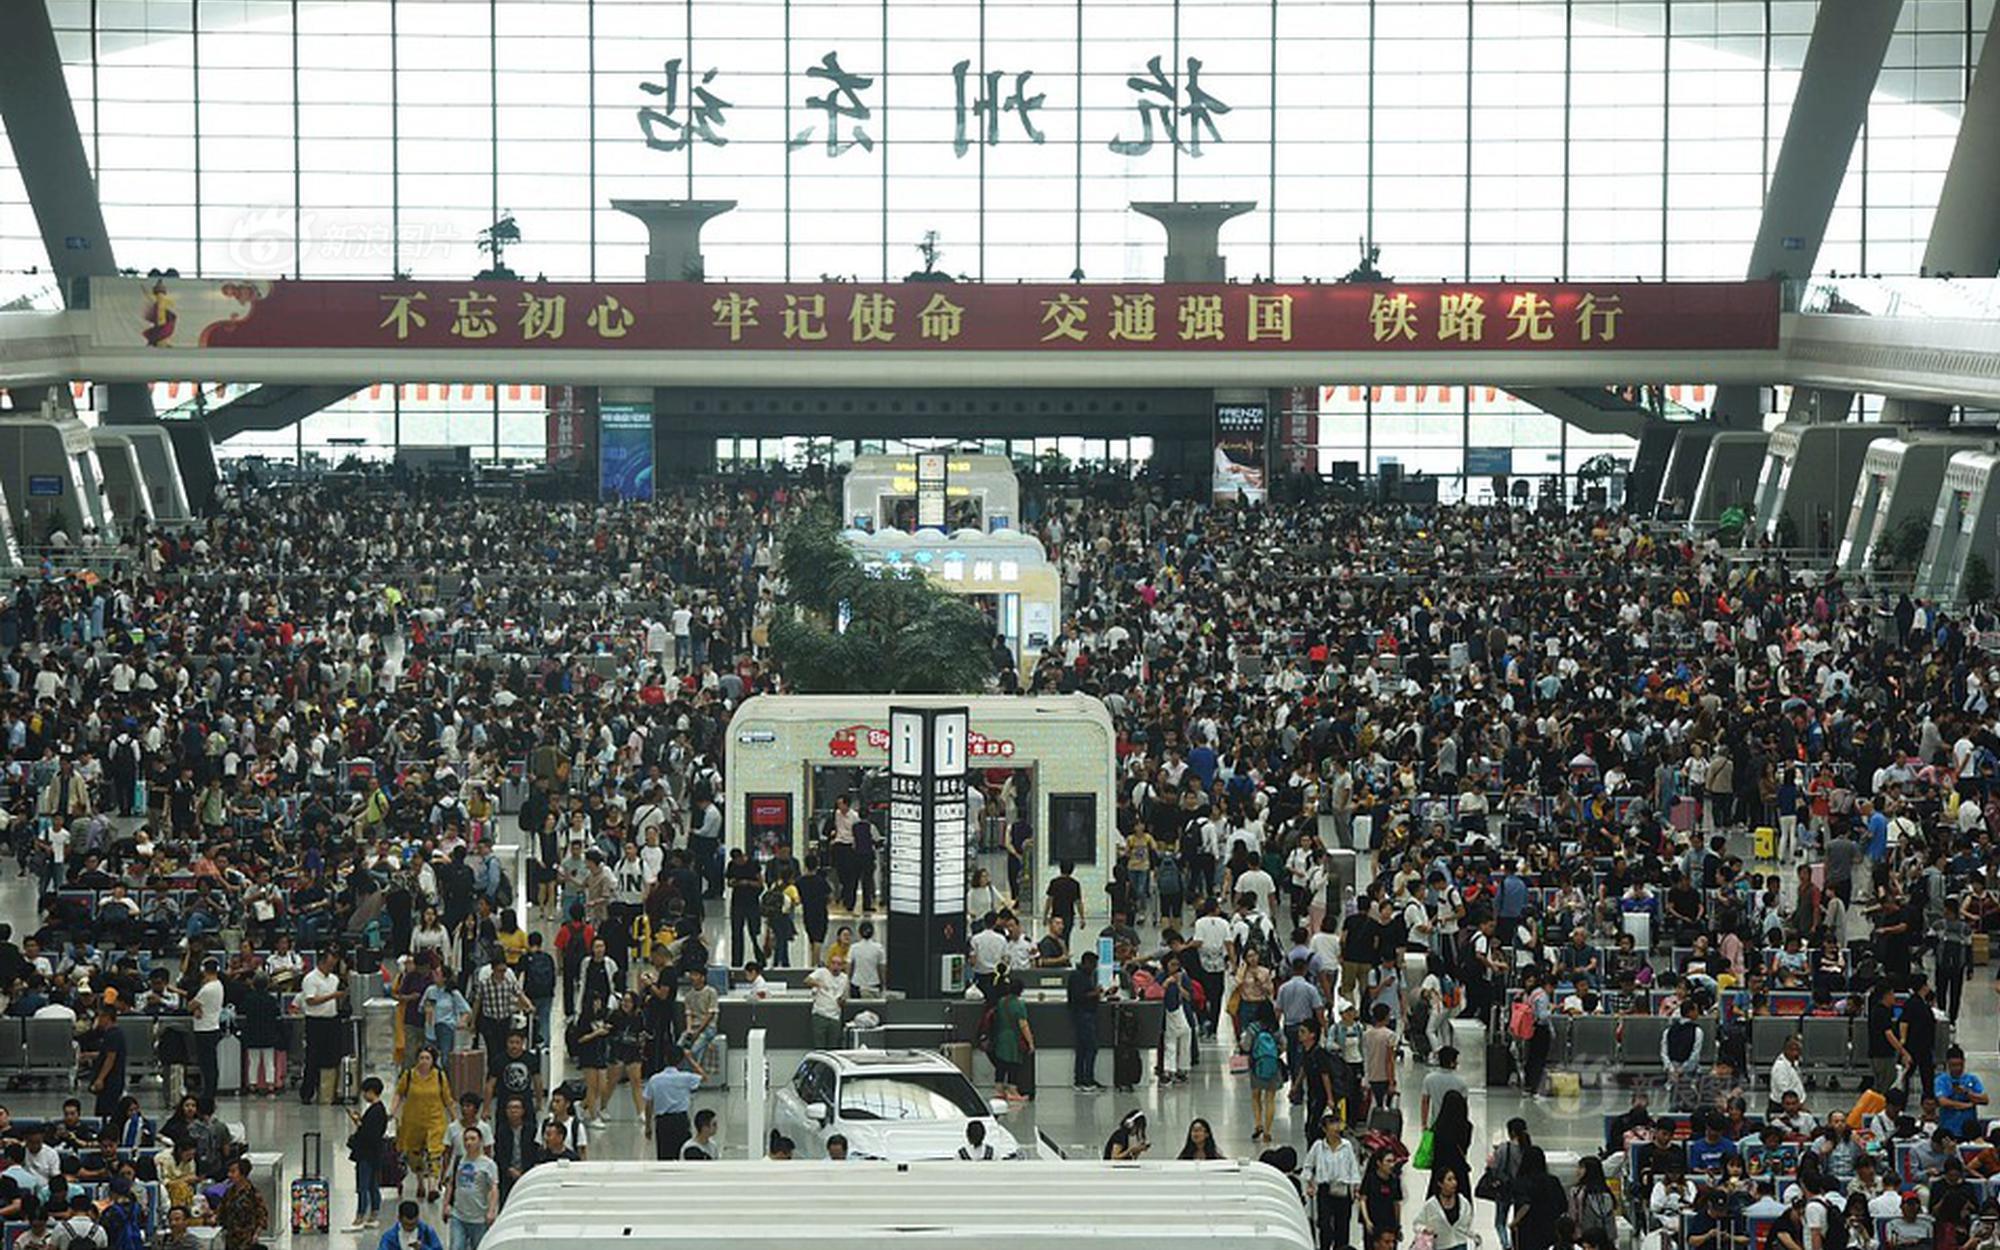 持续深化改革开放 推动海南自贸港建设